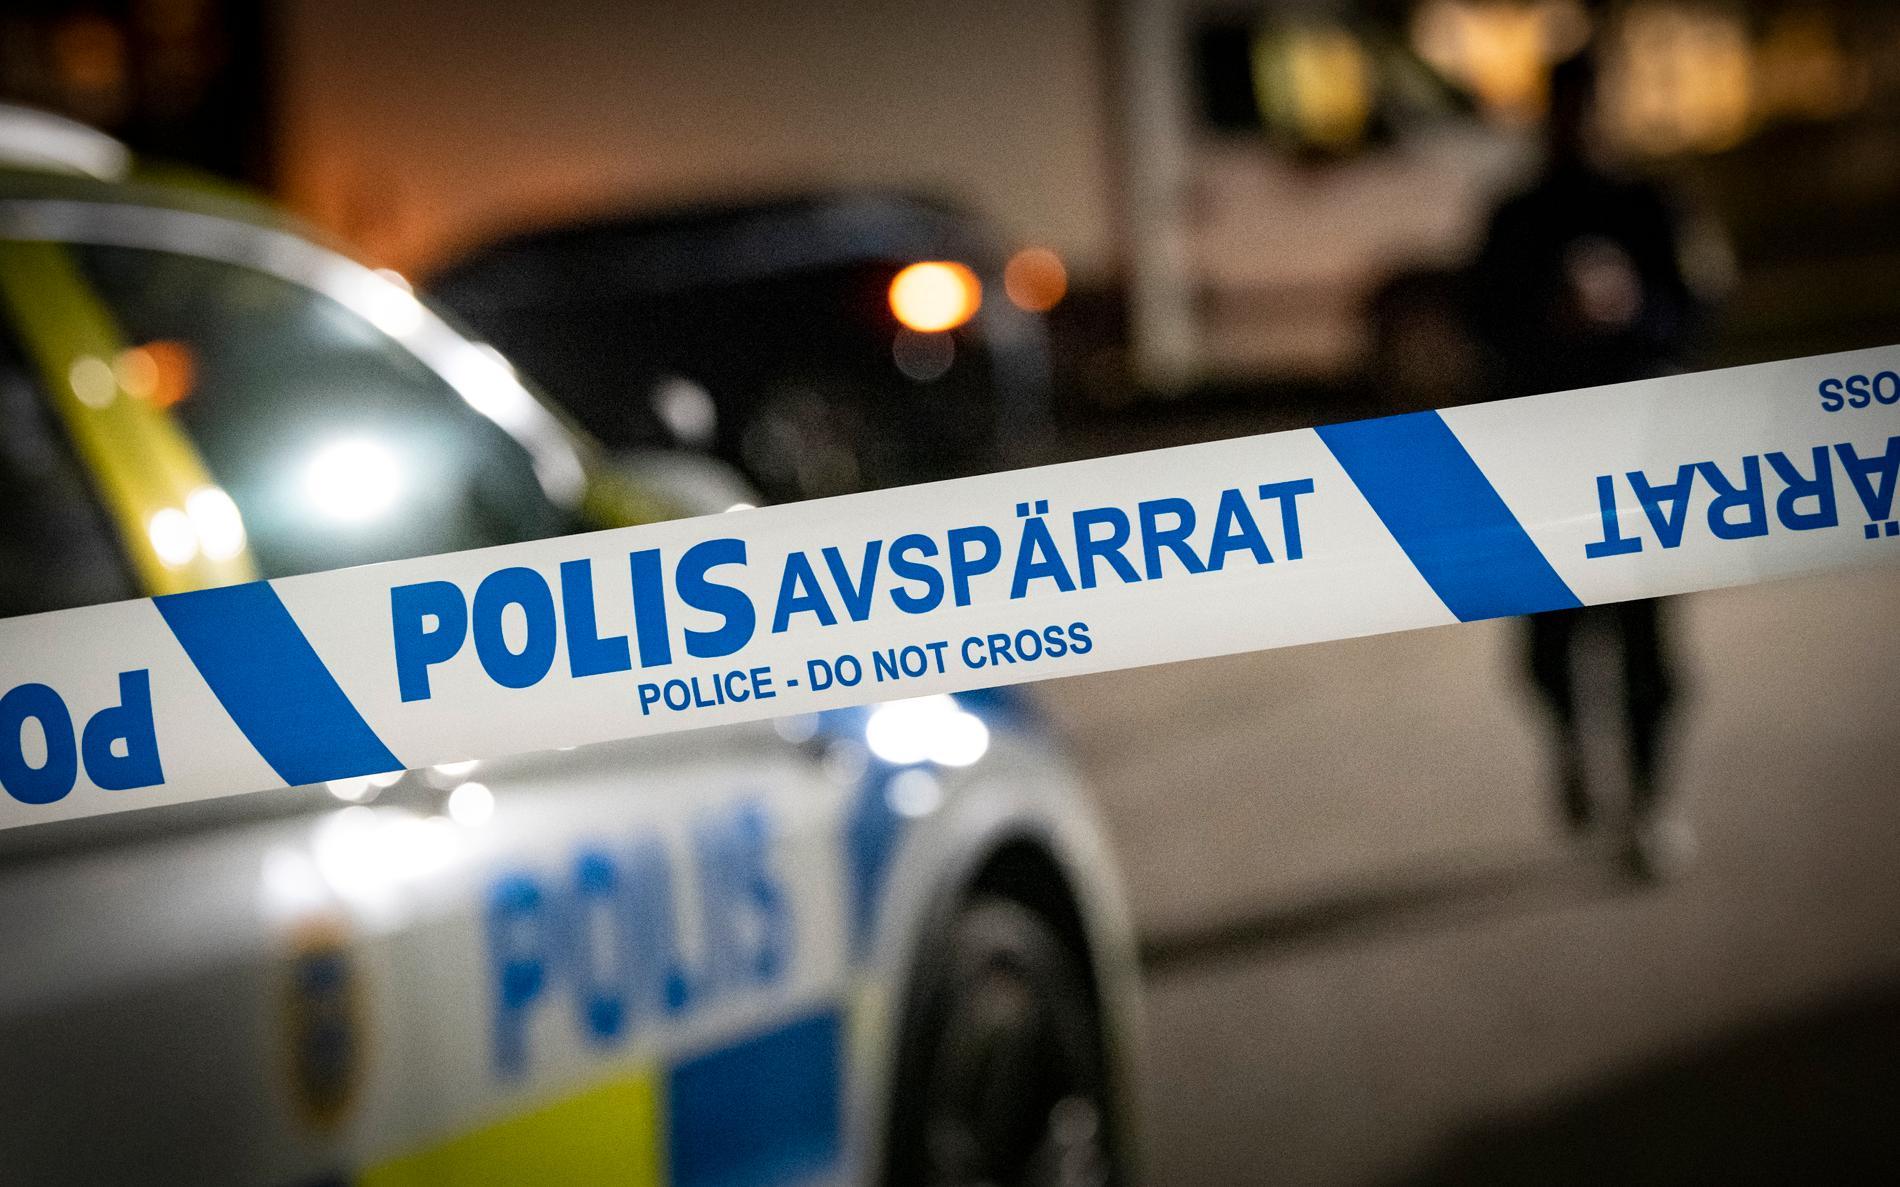 En man har anhållits misstänkt för grovt vapenbrott. Arkivbild.